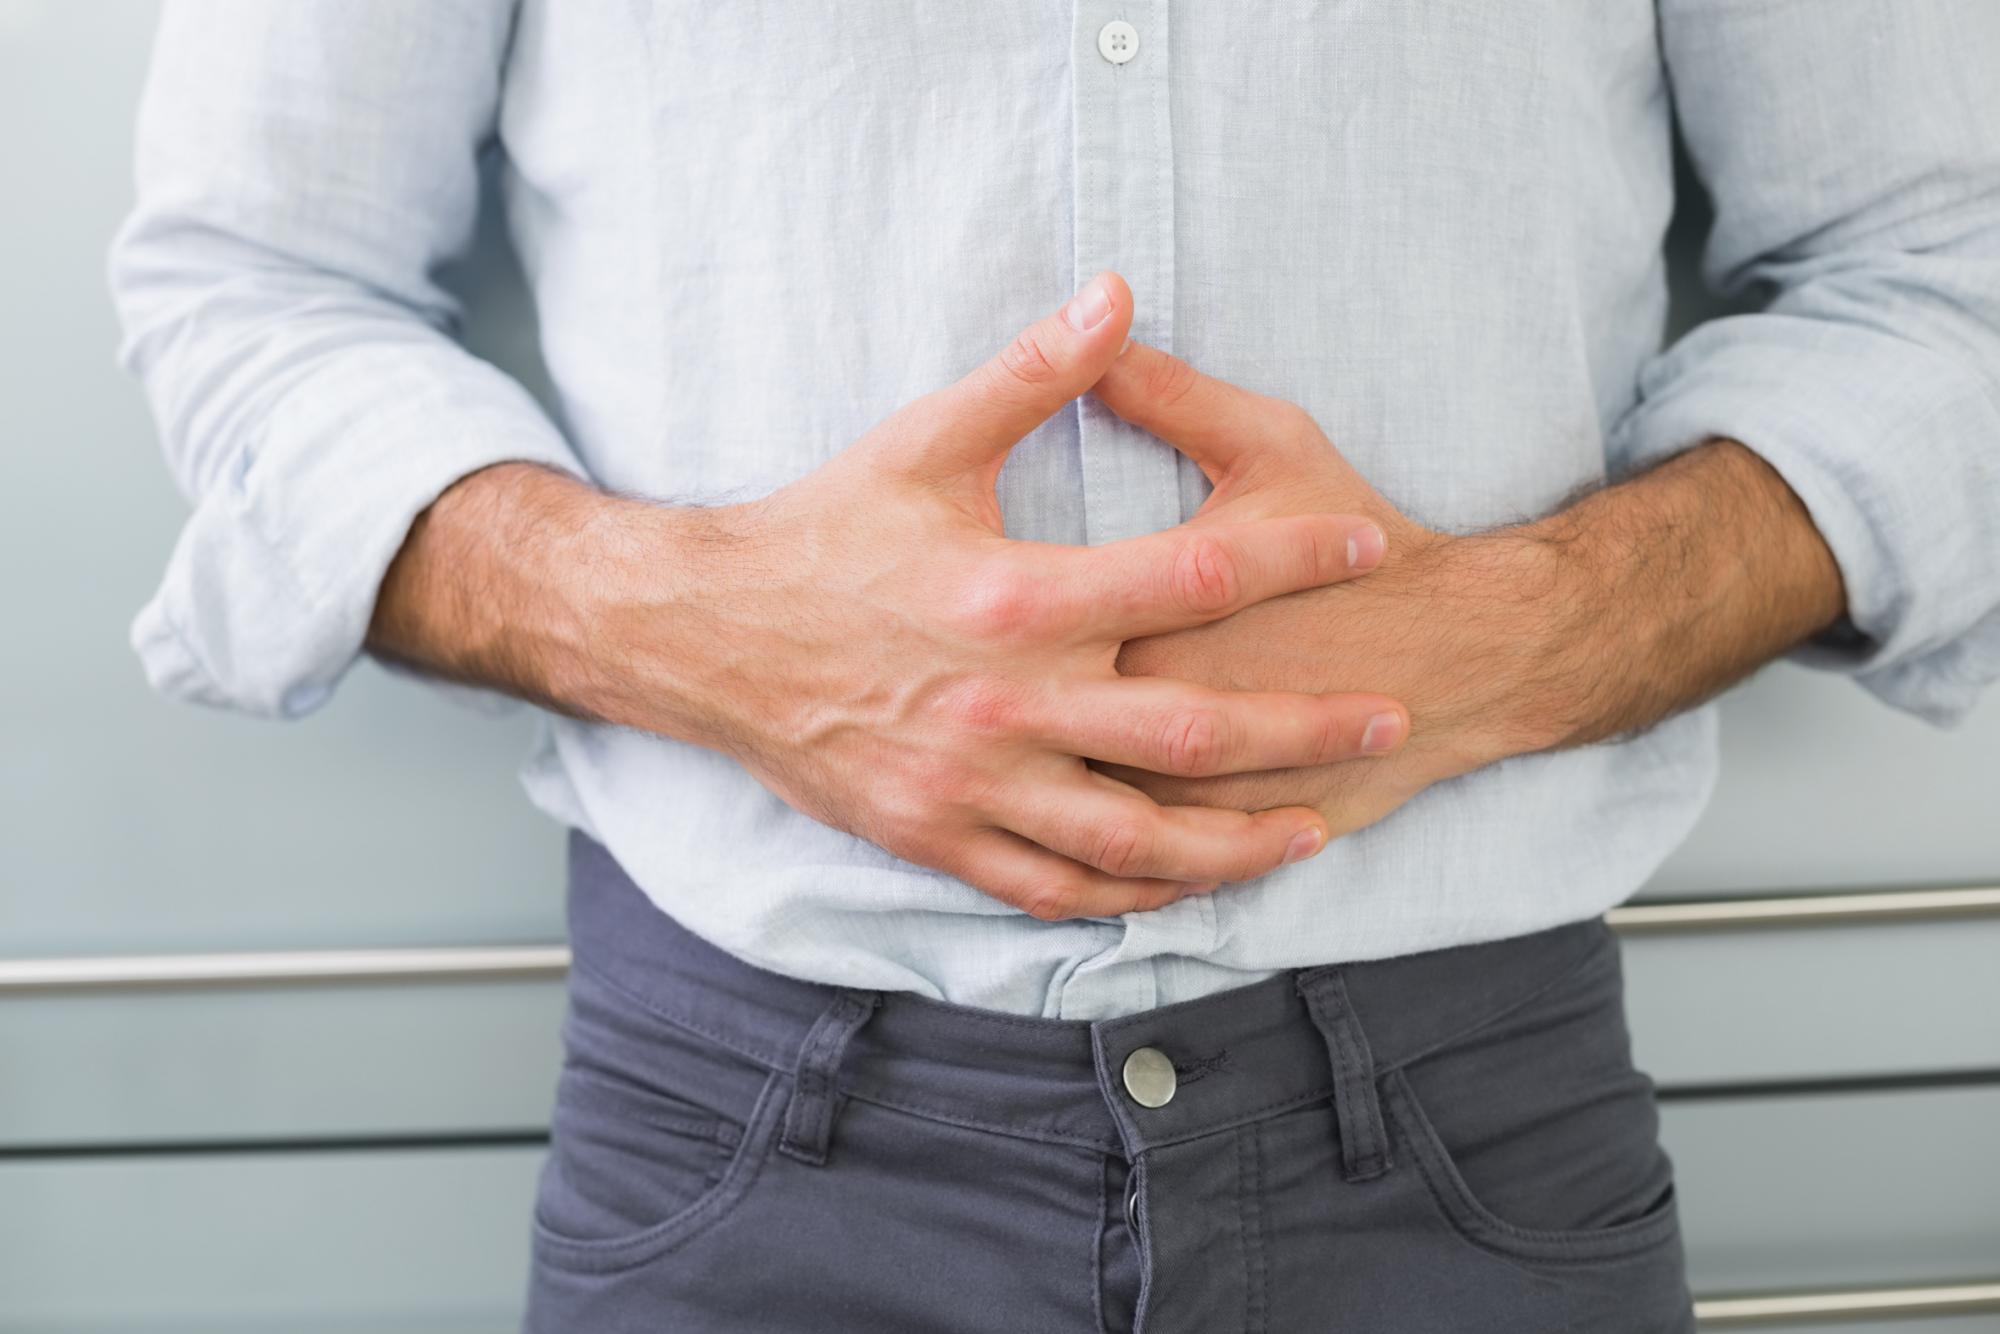 Santé : L'arthrose à la loupe afin de bien comprendre les malades et ce mal qui touche les articulations